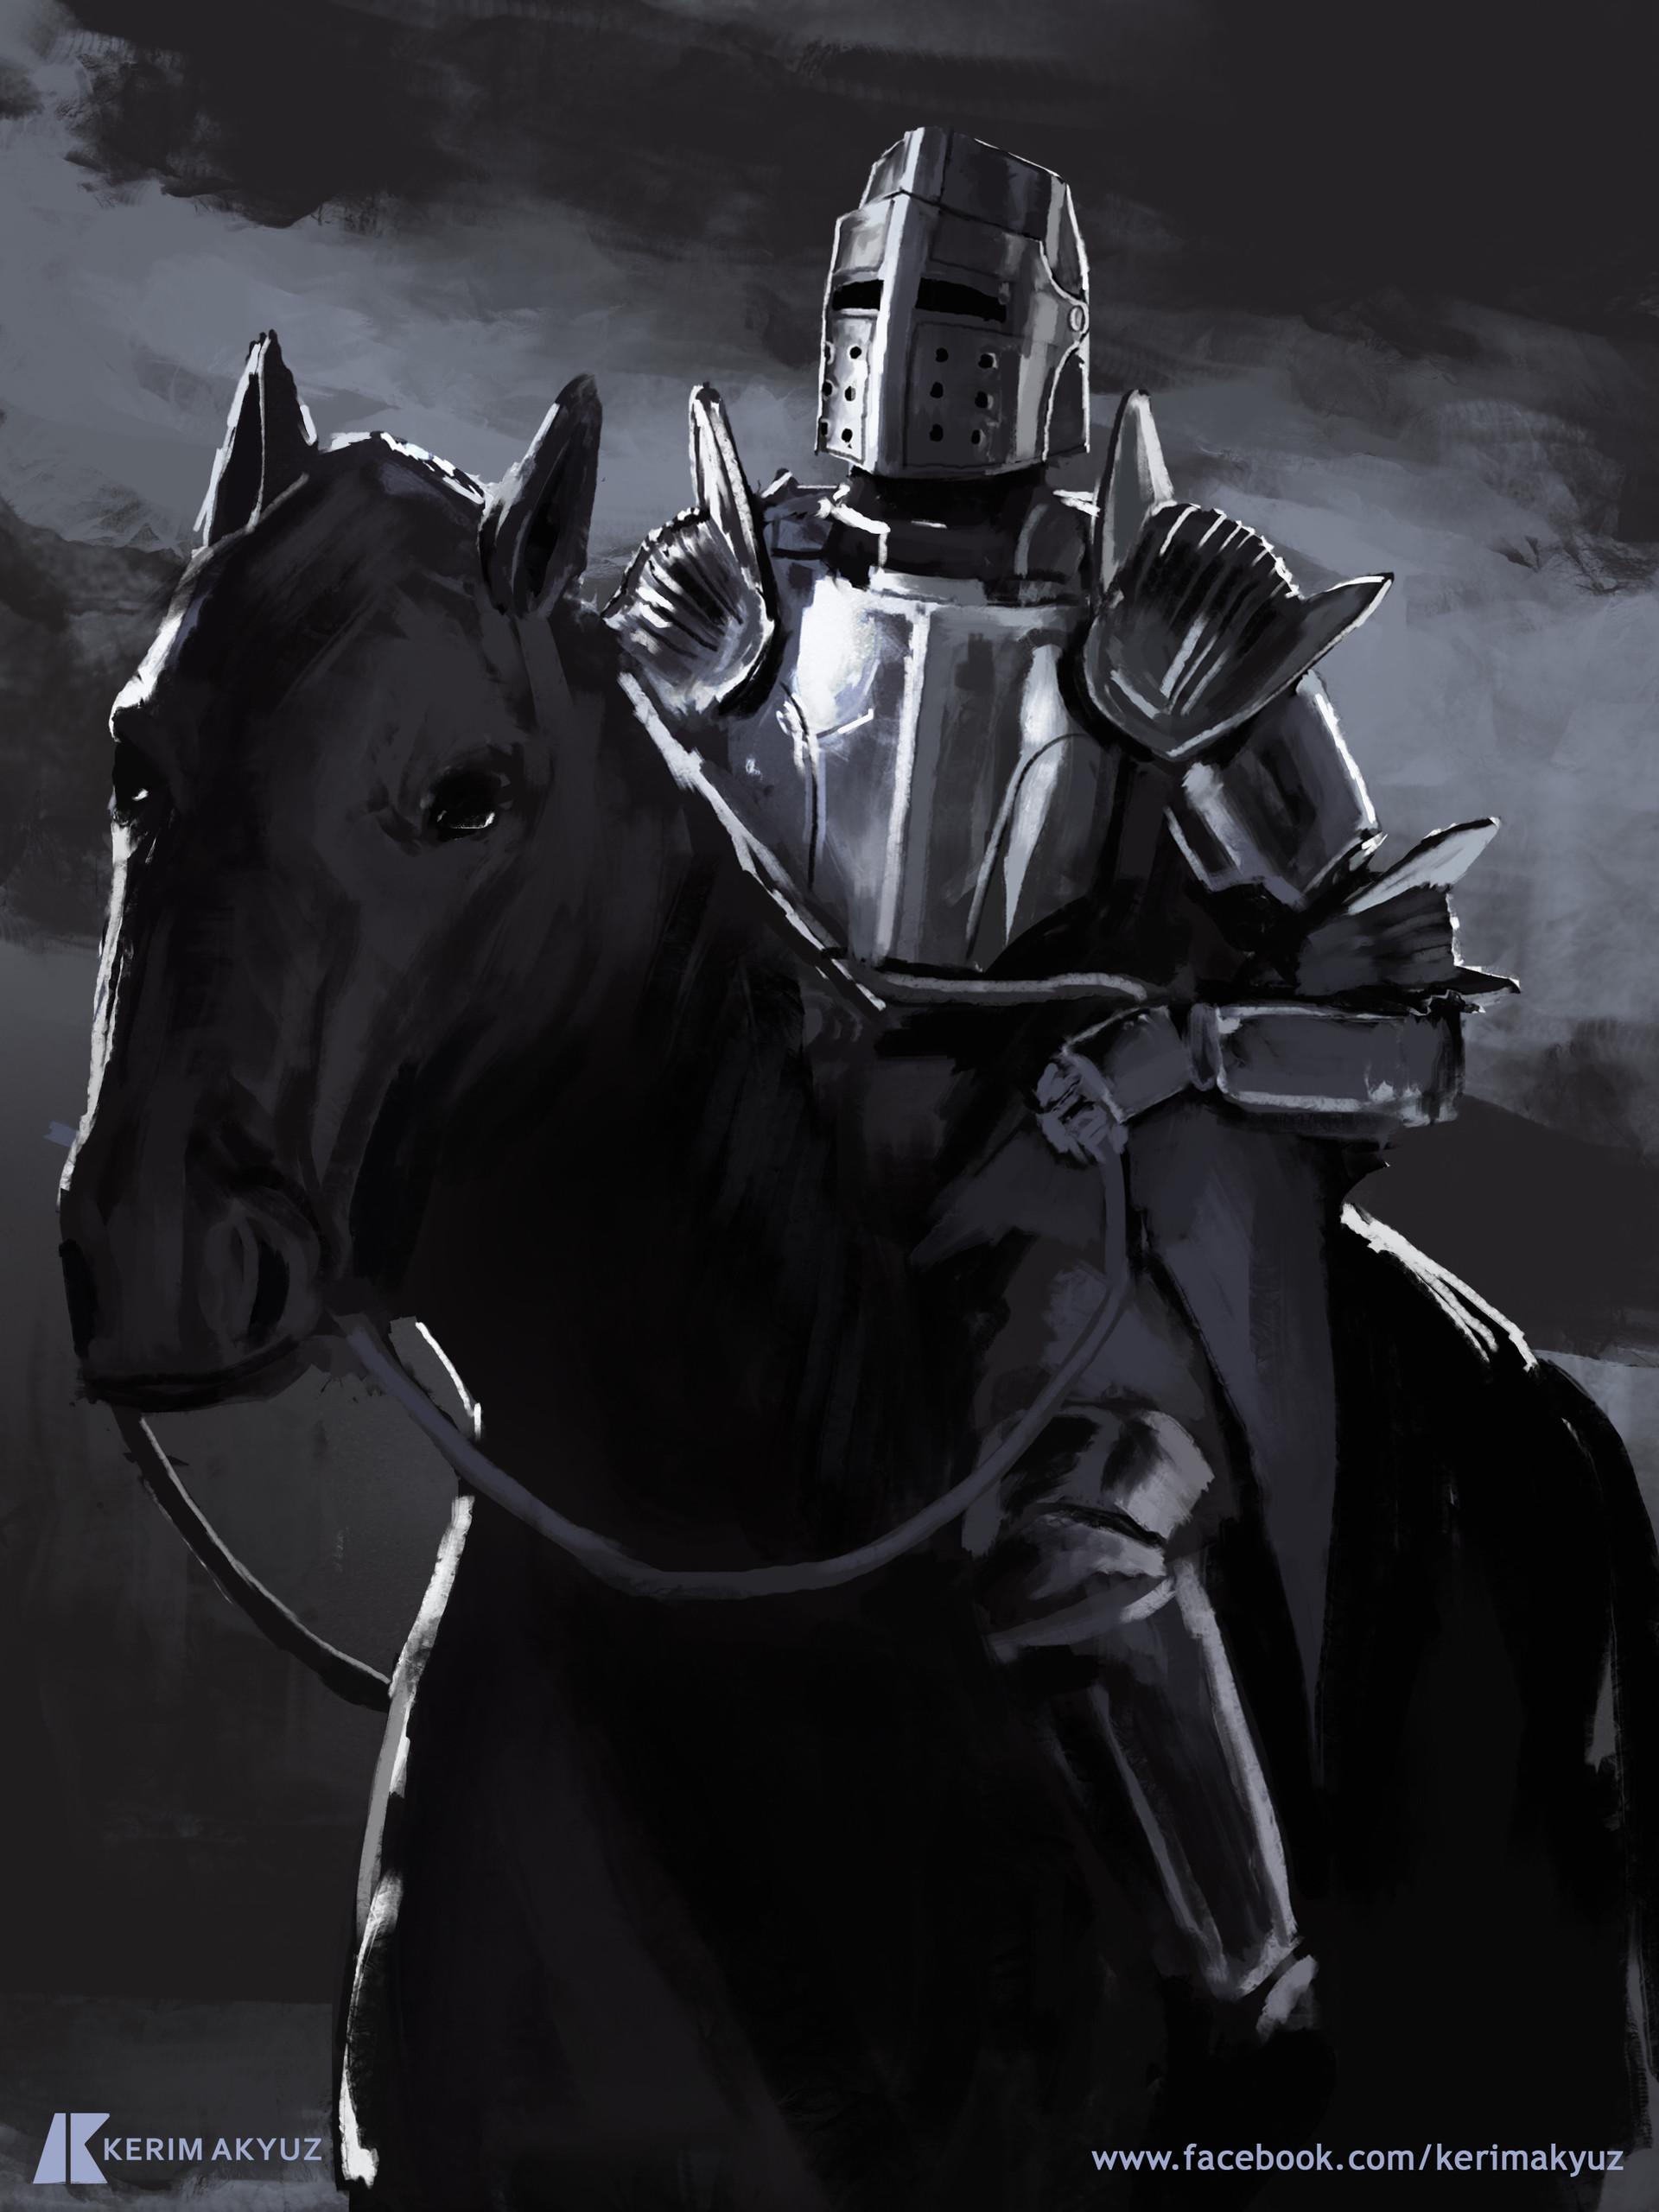 Kerim akyuz 283 horseback